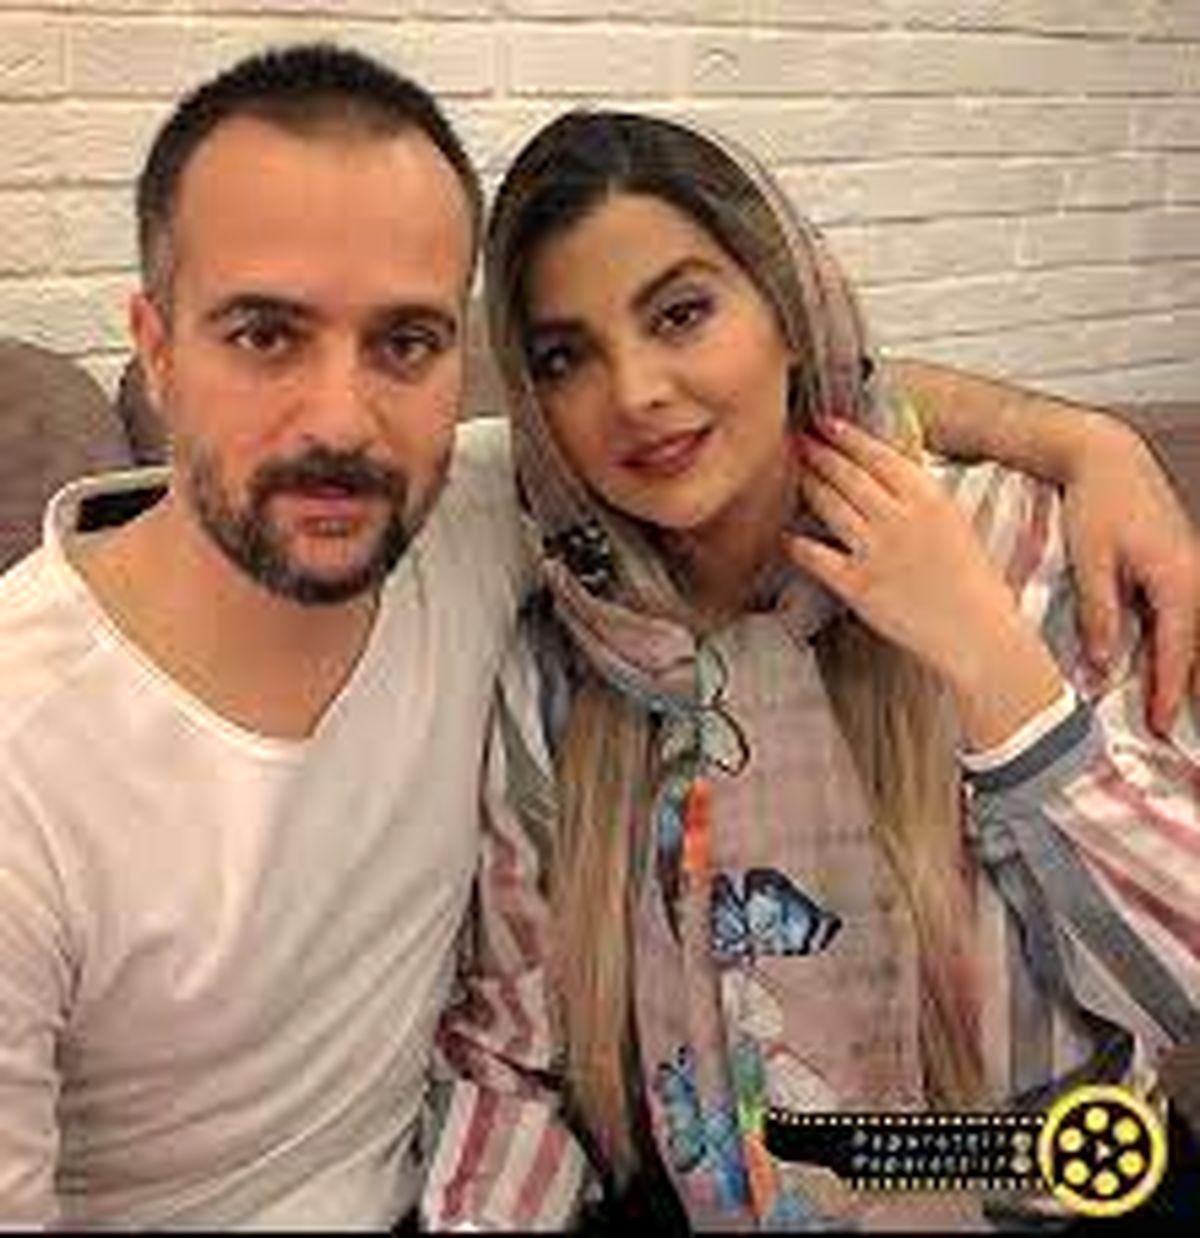 اختلاف سنی زیاد احمد مهرانفر و همسرش لو رفت / عکس